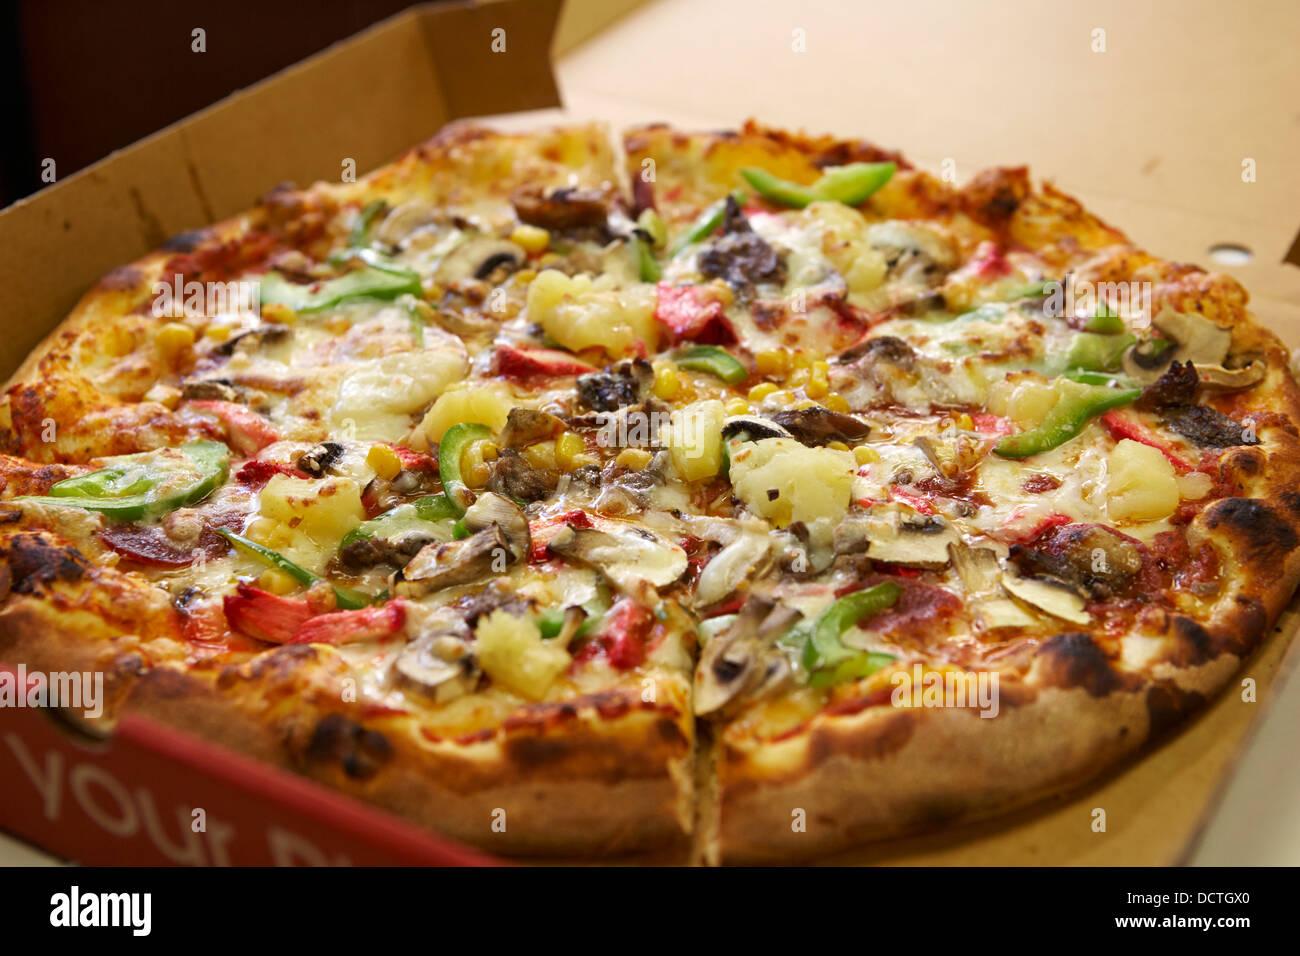 Misto di grandi dimensioni topping economici pizza da asporto Immagini Stock